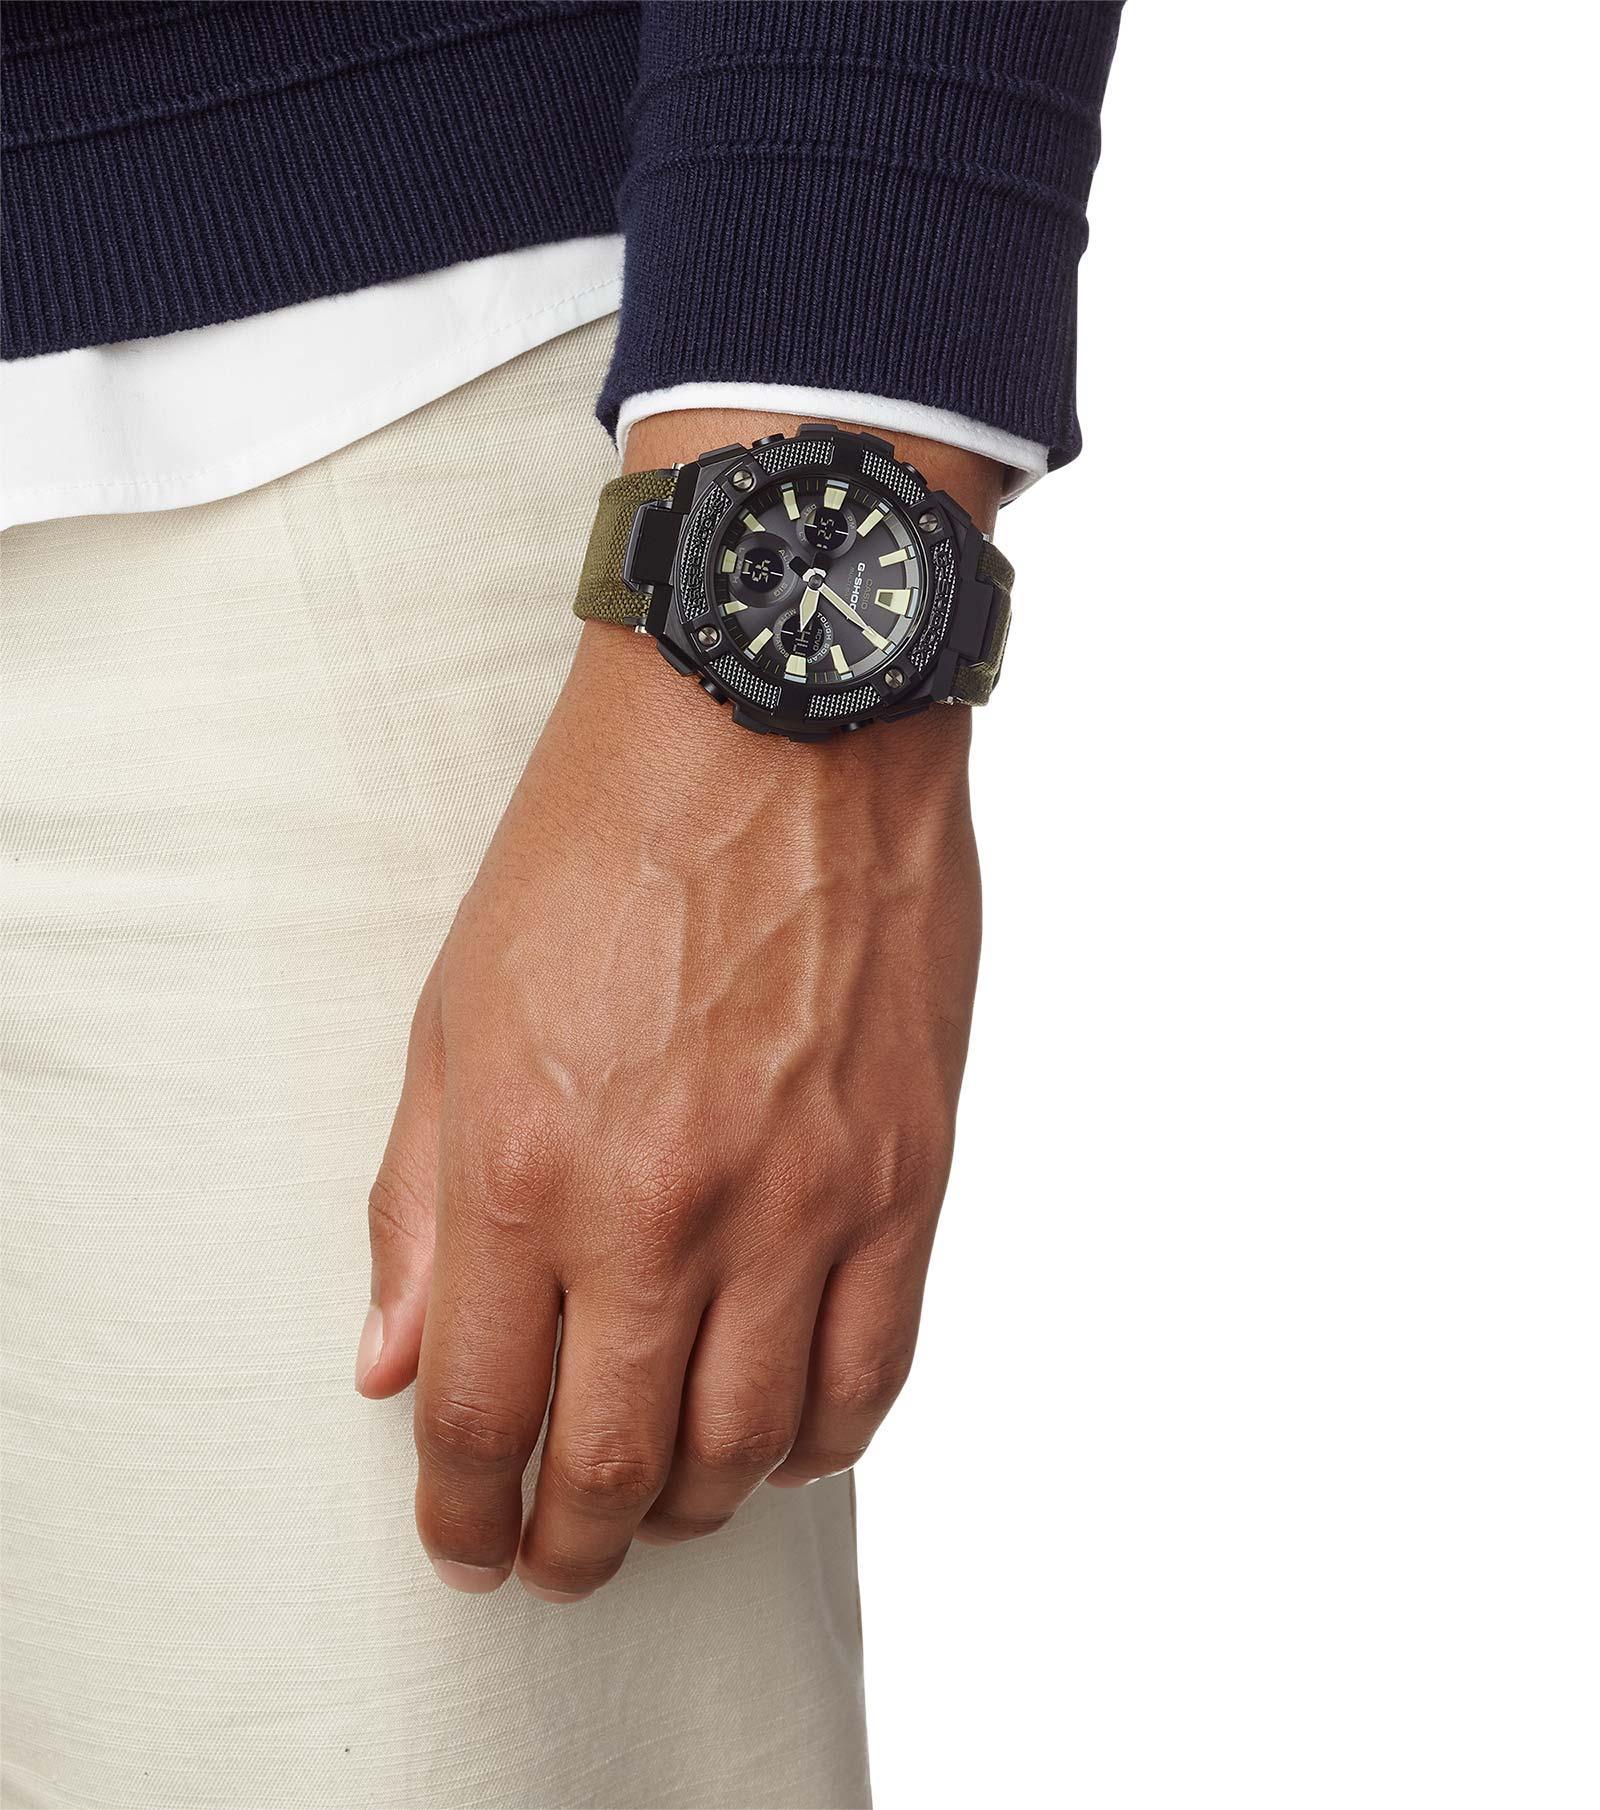 G-Shock GST-W130BC-1A3ER zegarek czarny sportowy G-SHOCK G-STEEL pasek